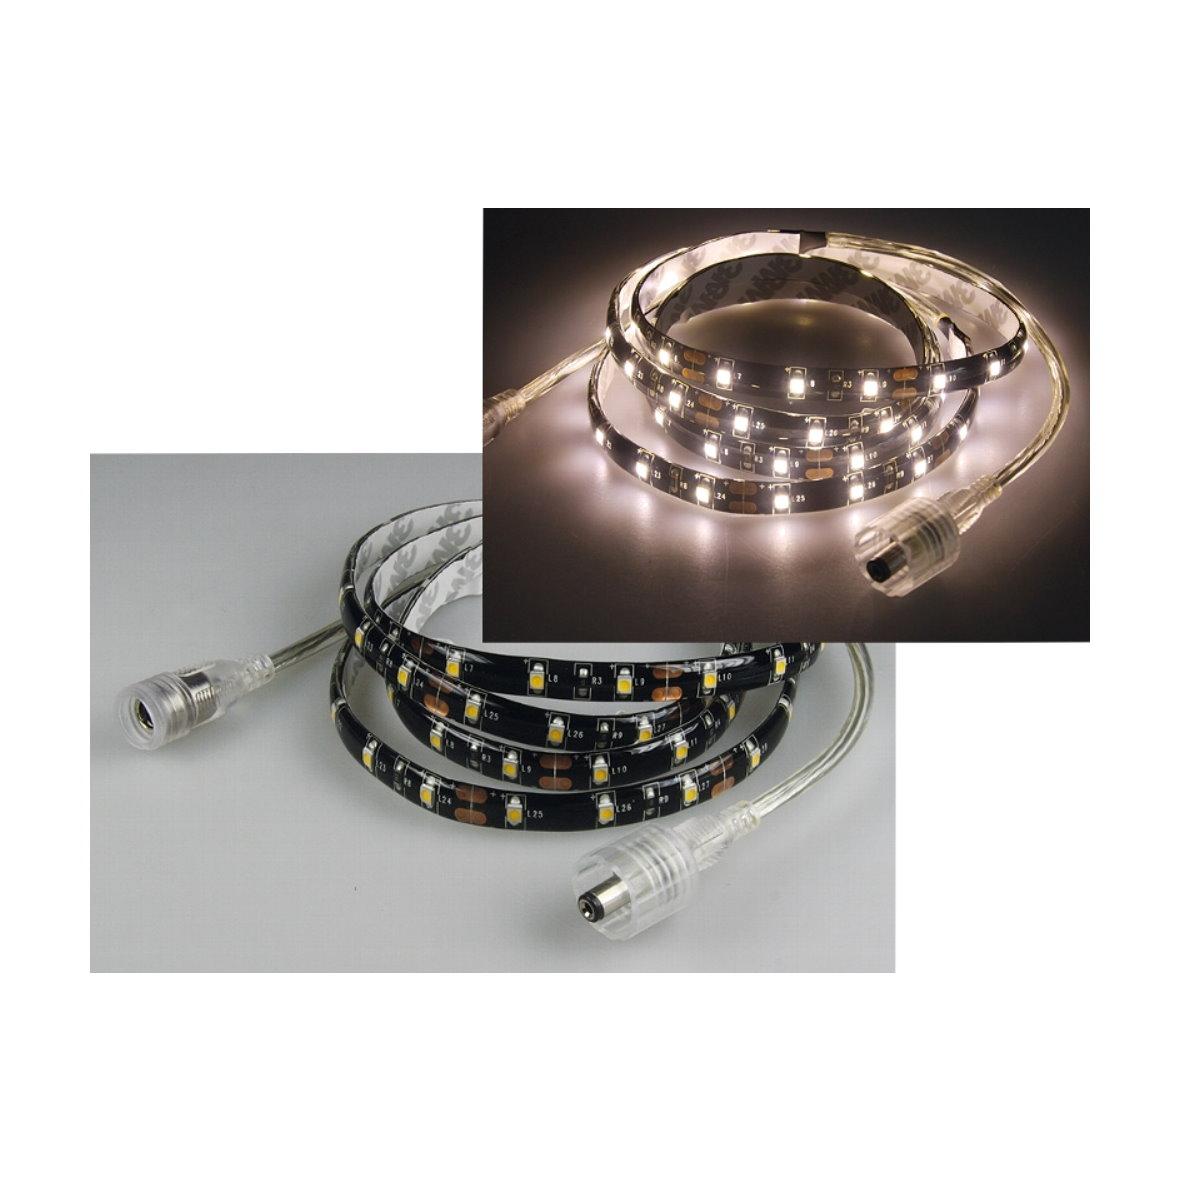 led stripe dimmbar sehr helles 5m 500cm led strip led. Black Bedroom Furniture Sets. Home Design Ideas